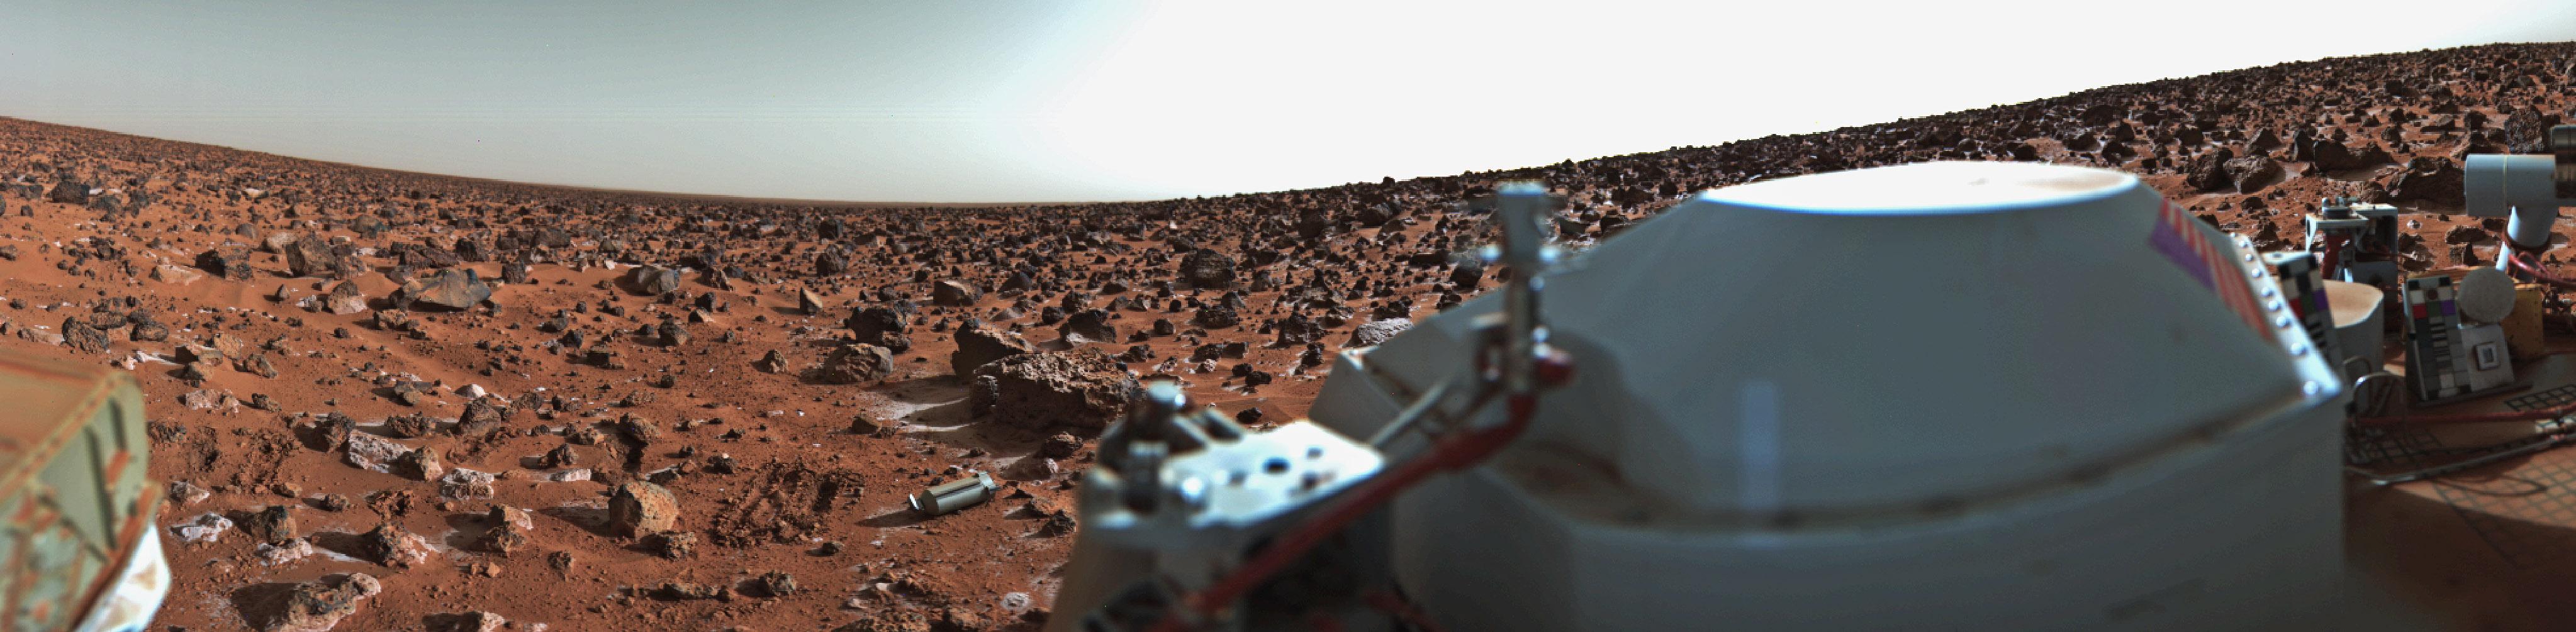 La superficie de Marte, parcialmente cubierta por escarcha, fotografiada por la Viking 2.